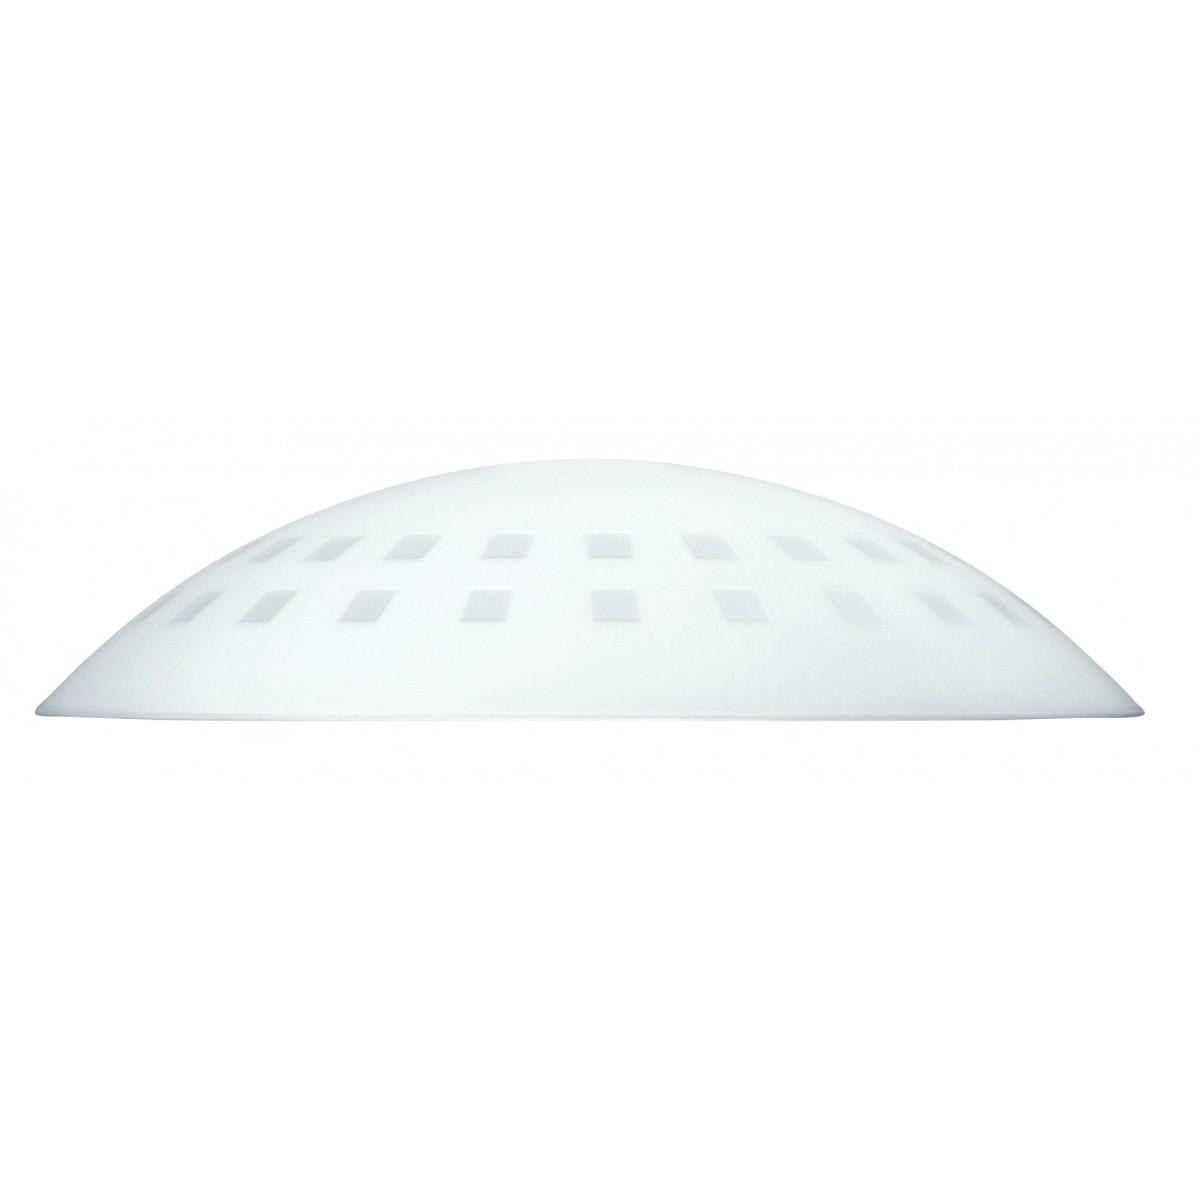 I-V00042400024 - Abat-jour pour suspension Trous carrés en verre blanc 42x10 cm F42